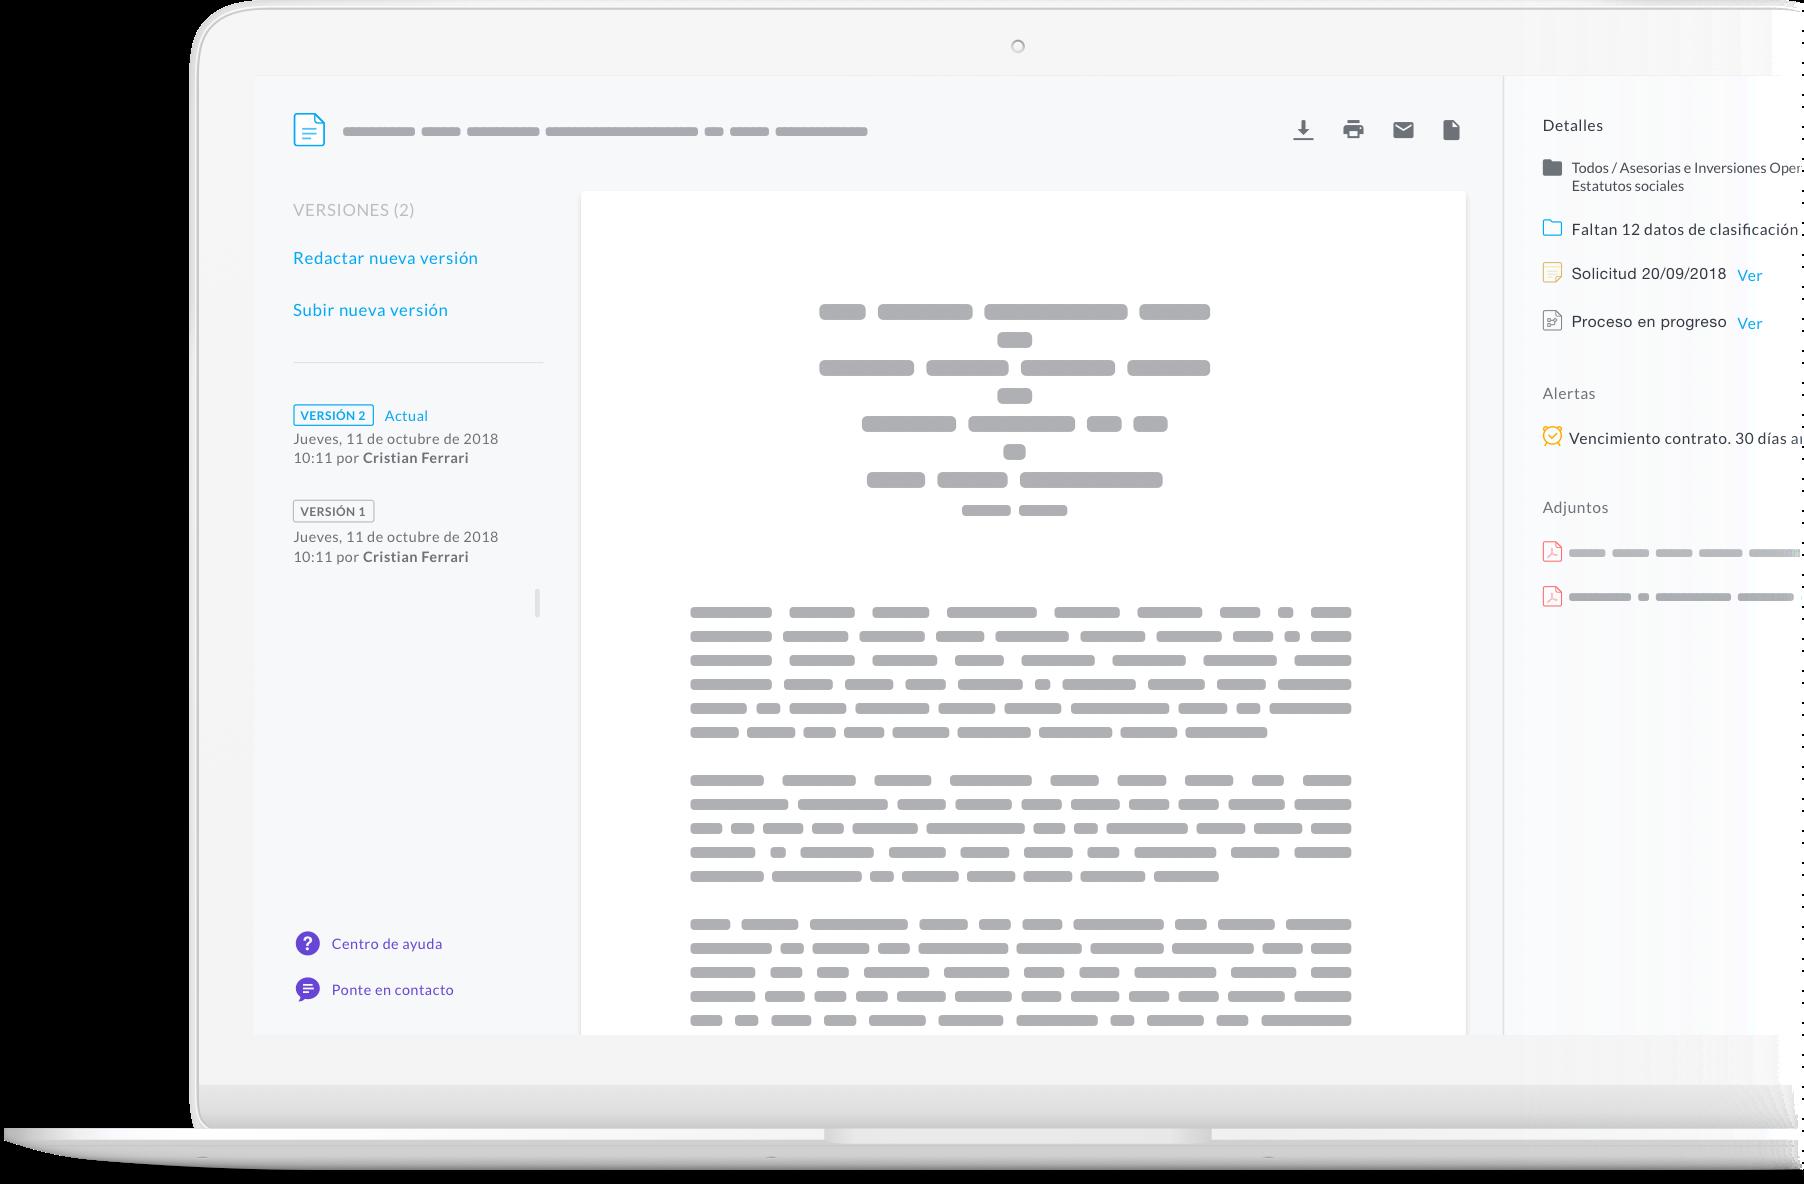 webdox-screen-documento@2x